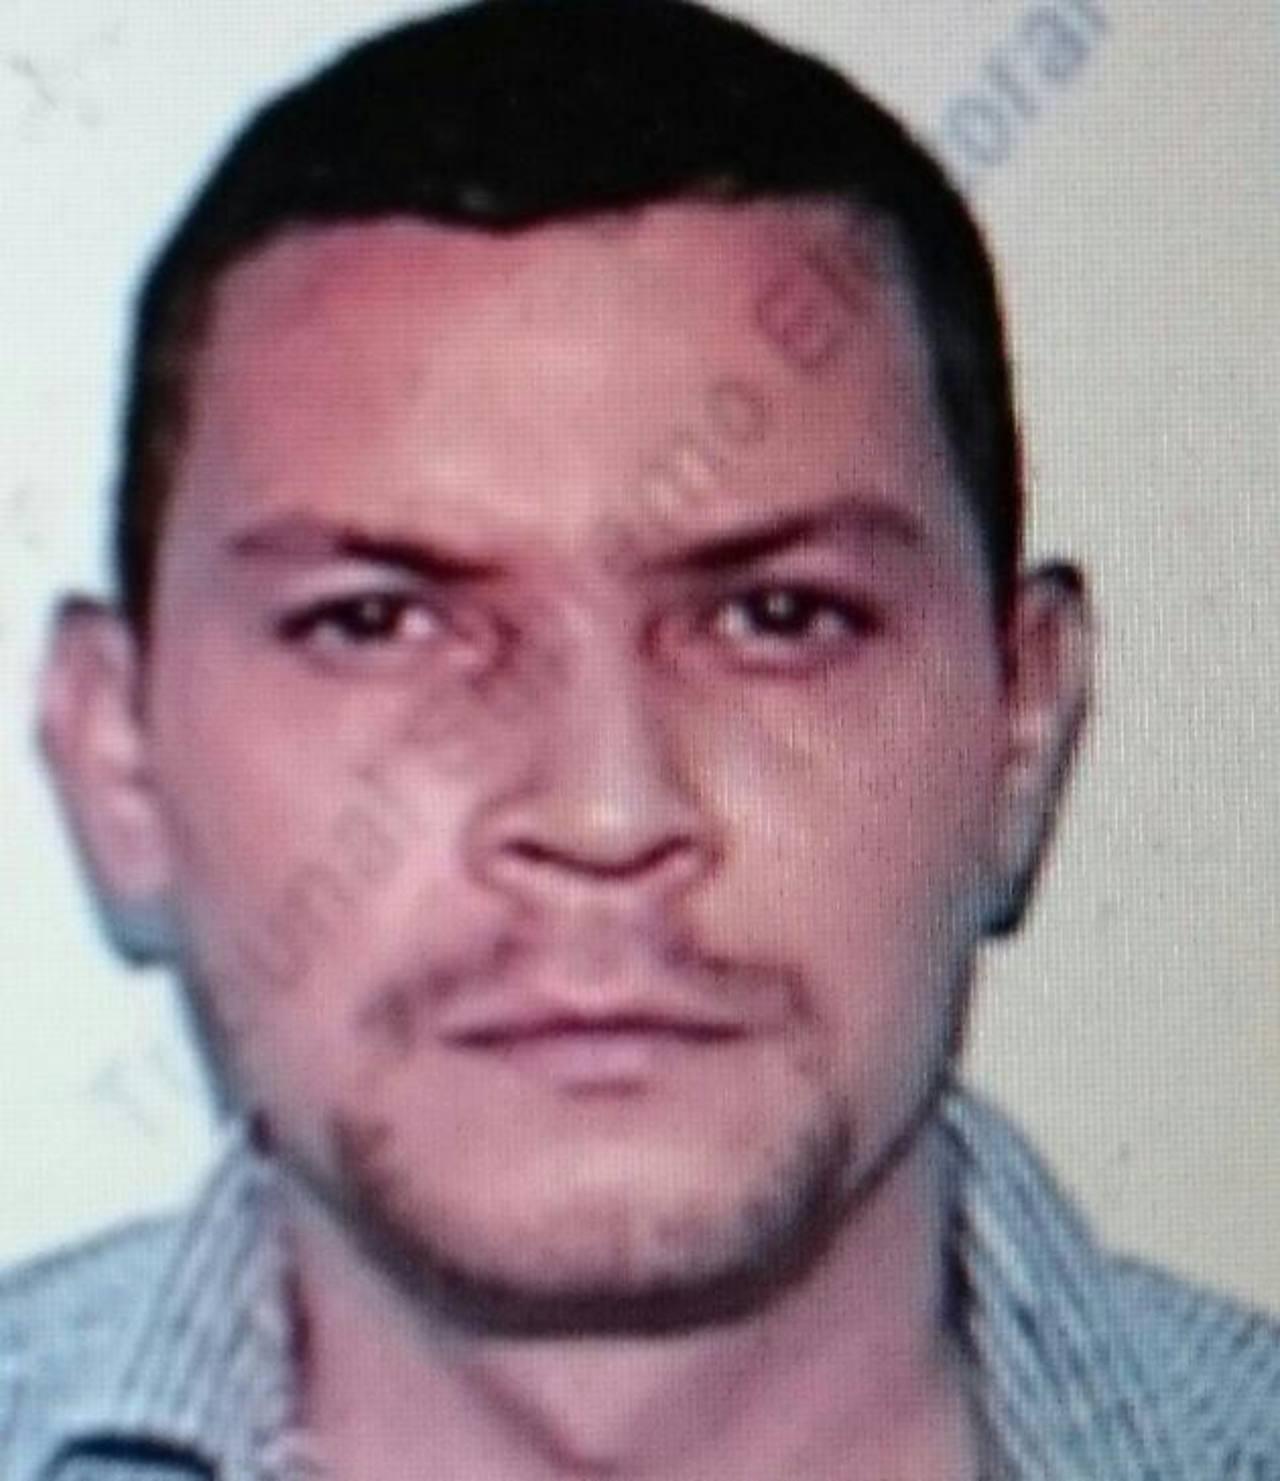 Identifican a comerciante asesinado en Ciudad Merliot